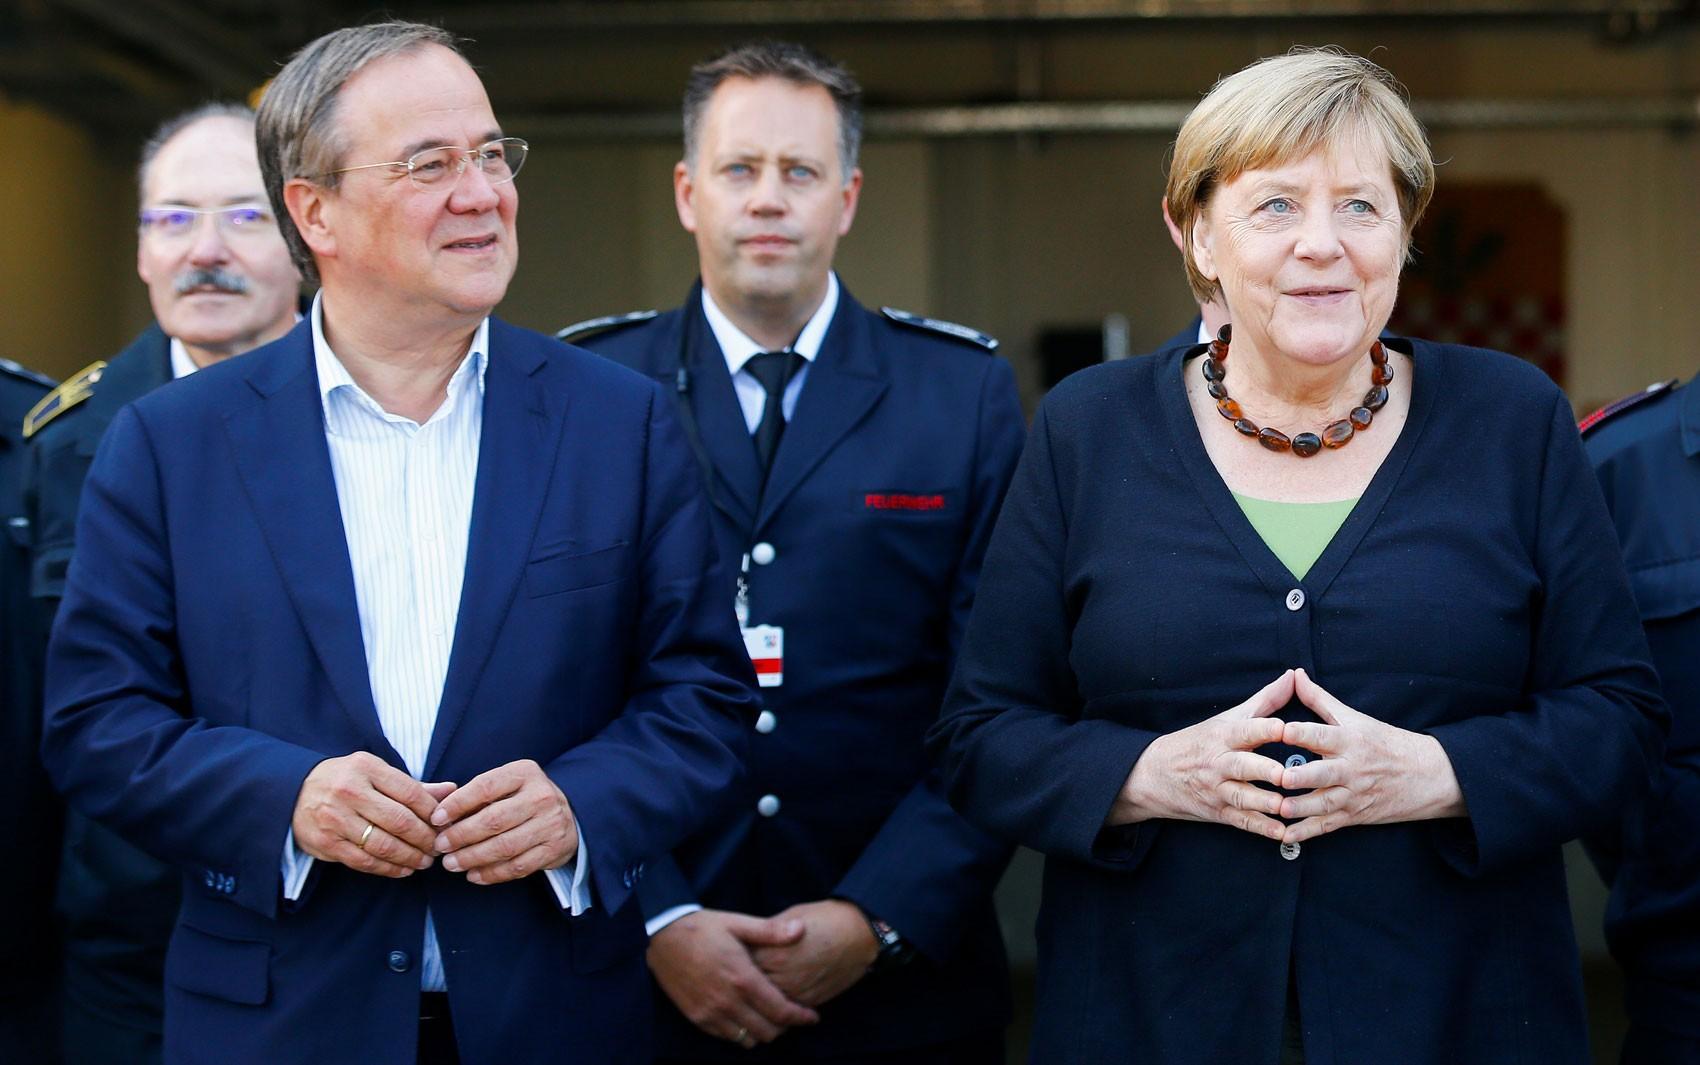 Eleições na Alemanha: saiba quem é Armin Laschet, o candidato de Merkel a primeiro-ministro